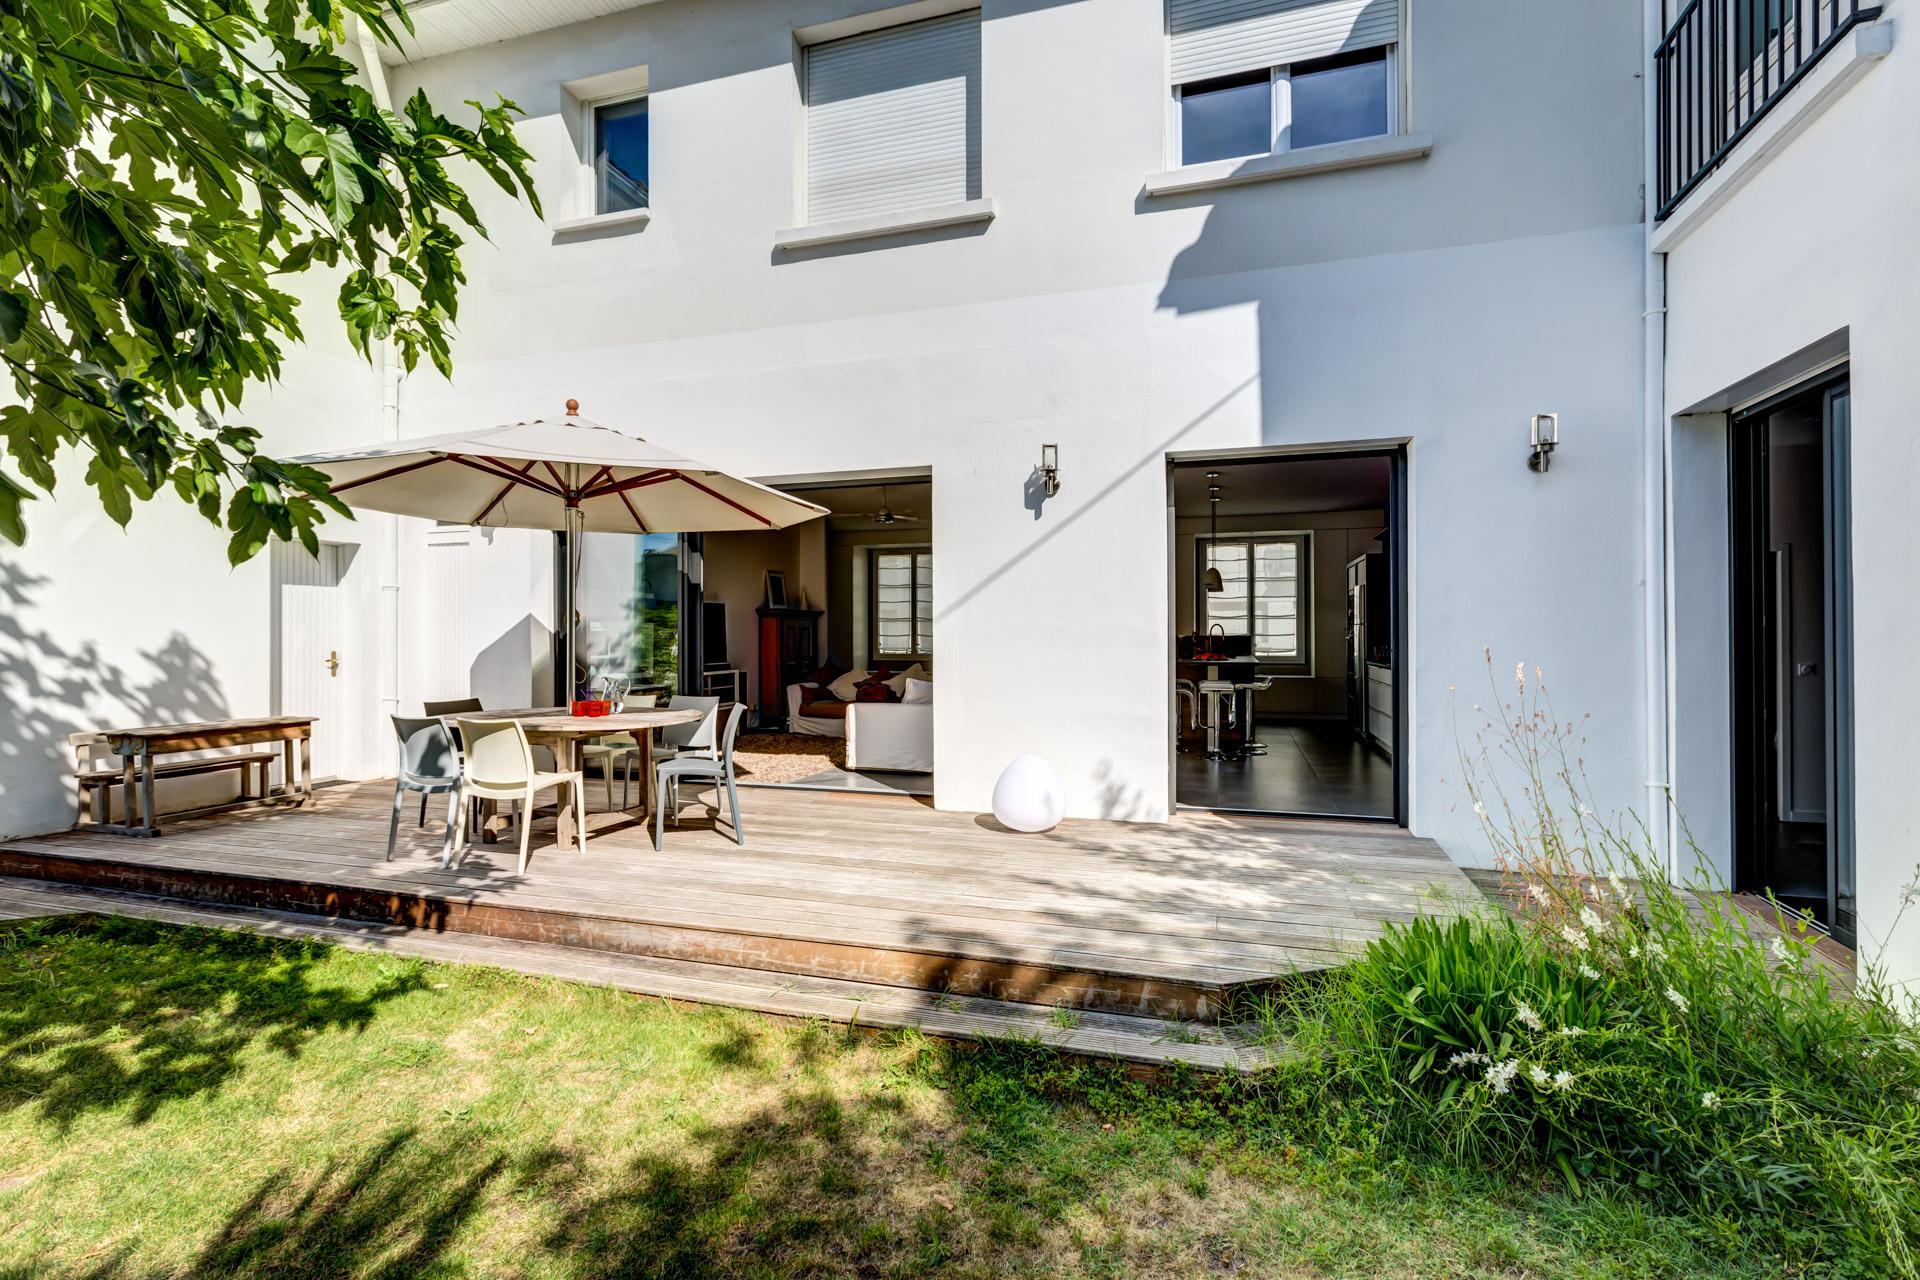 maison familiale de ville sur jardin expression architecture int rieur. Black Bedroom Furniture Sets. Home Design Ideas